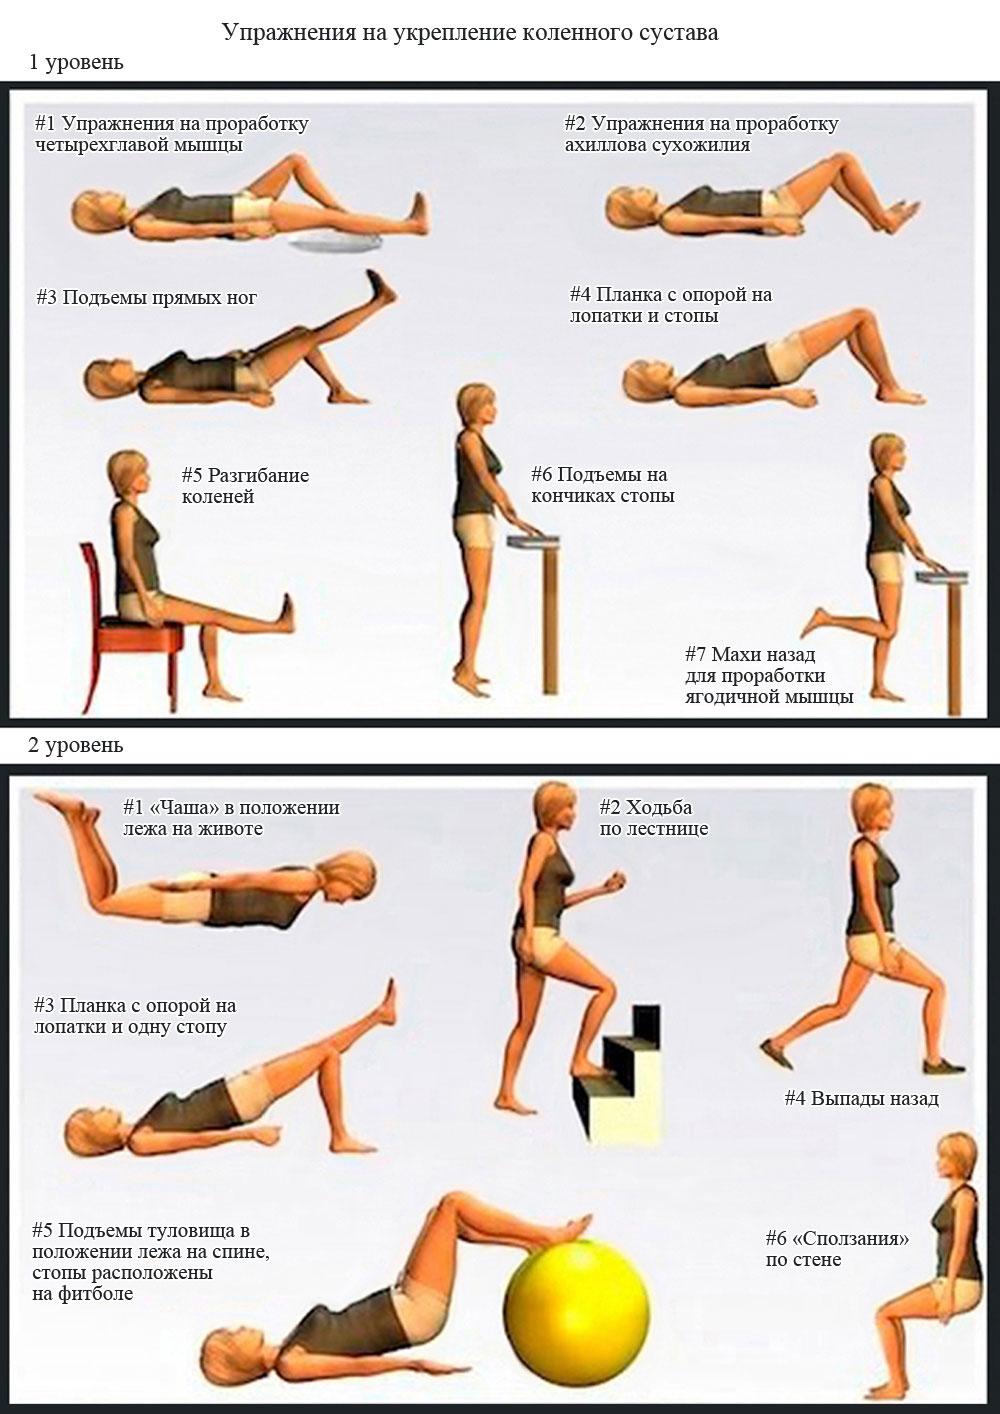 Гимнастика после протезирования коленного сустава видео ушиб локтевого сустава чем мазать